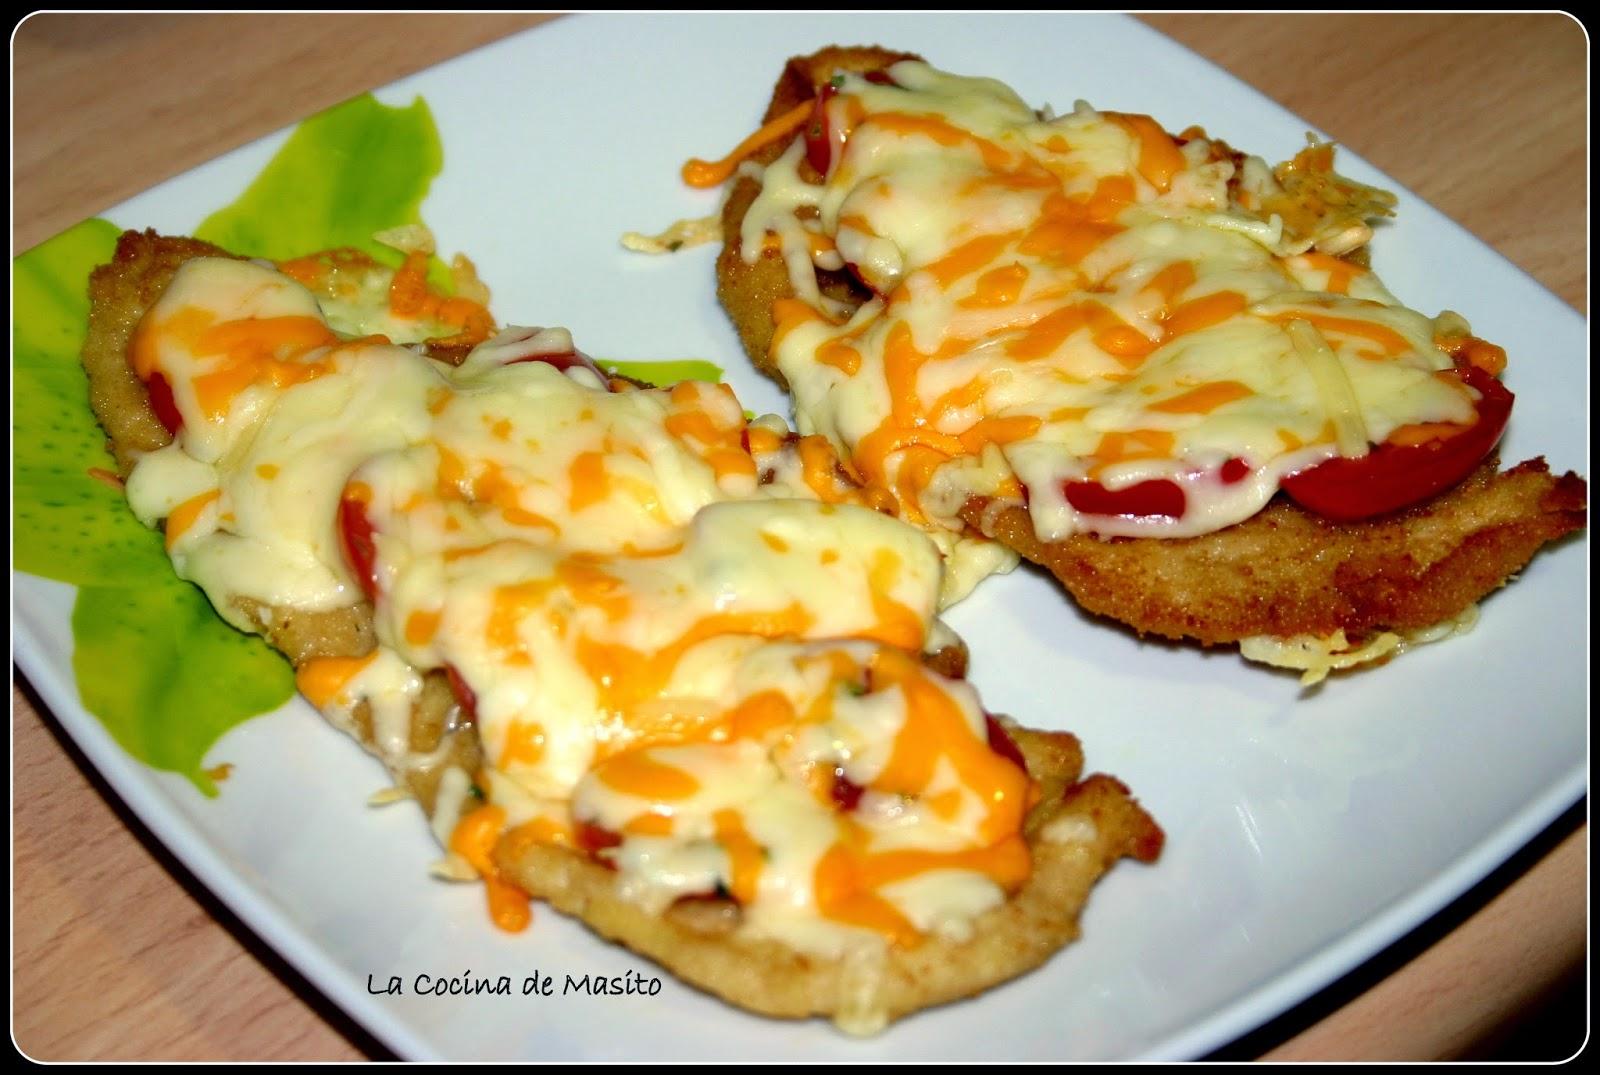 Pechuga de pollo tomate aromatizado y queso fundido para 8 recetas de pollo las recetas fáciles de maría